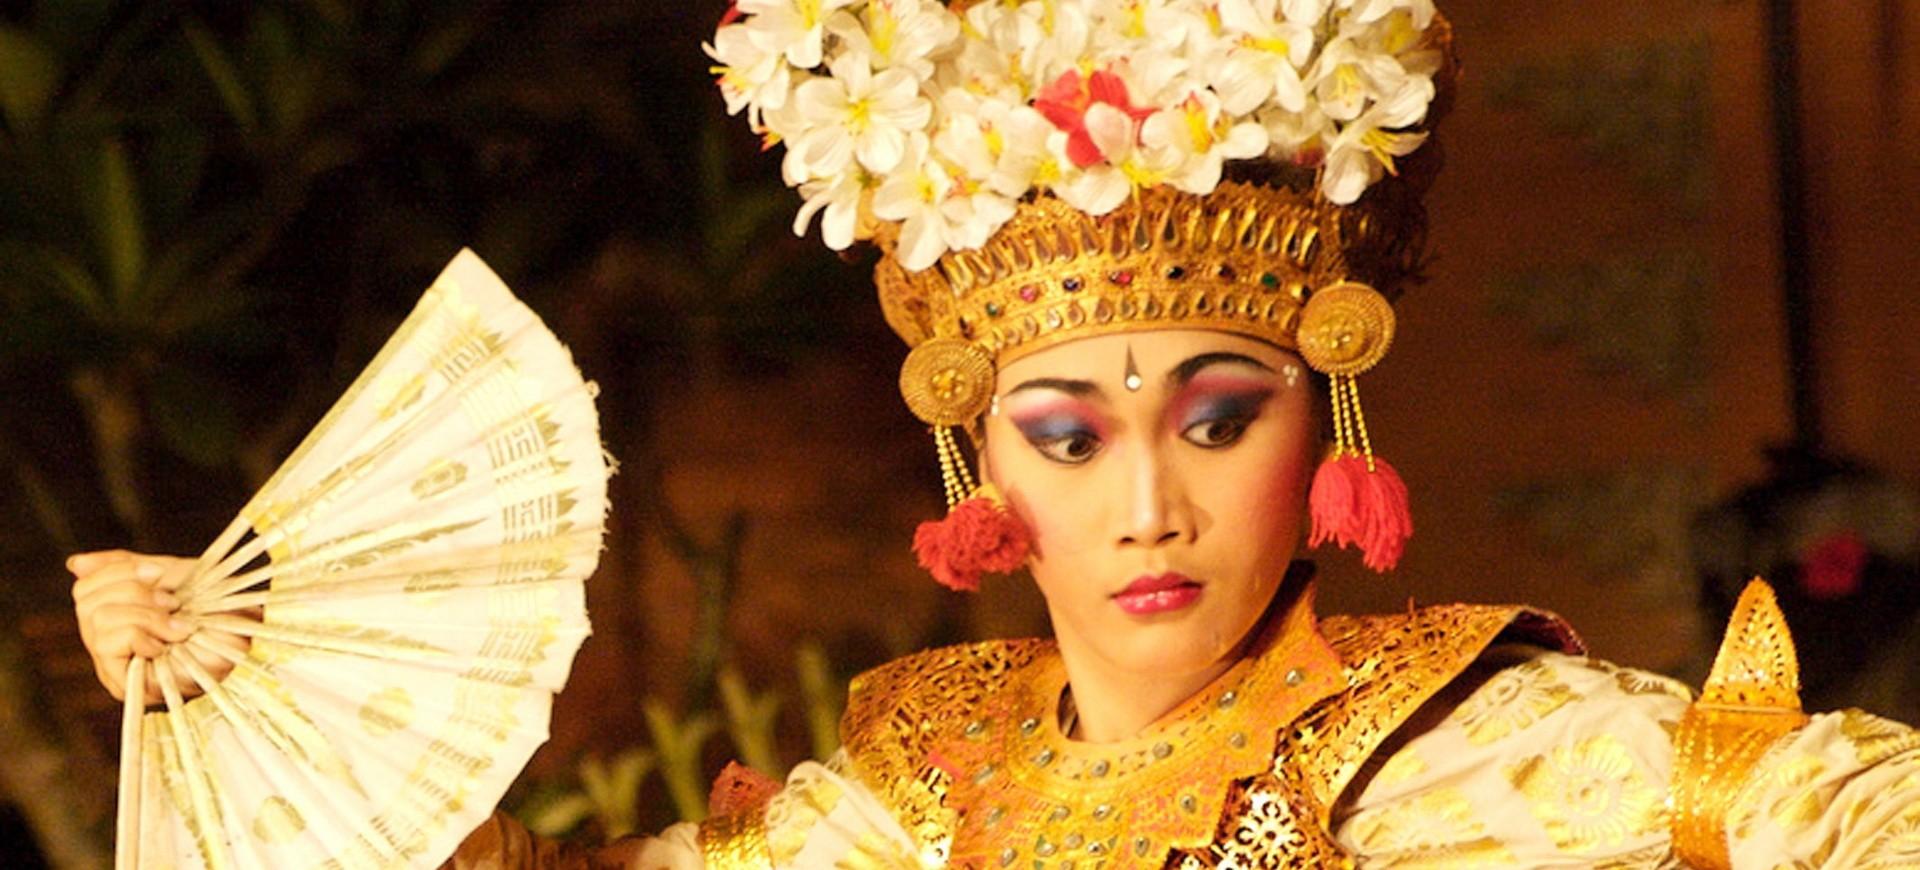 Indonésie Bali Danseuse Balinaise